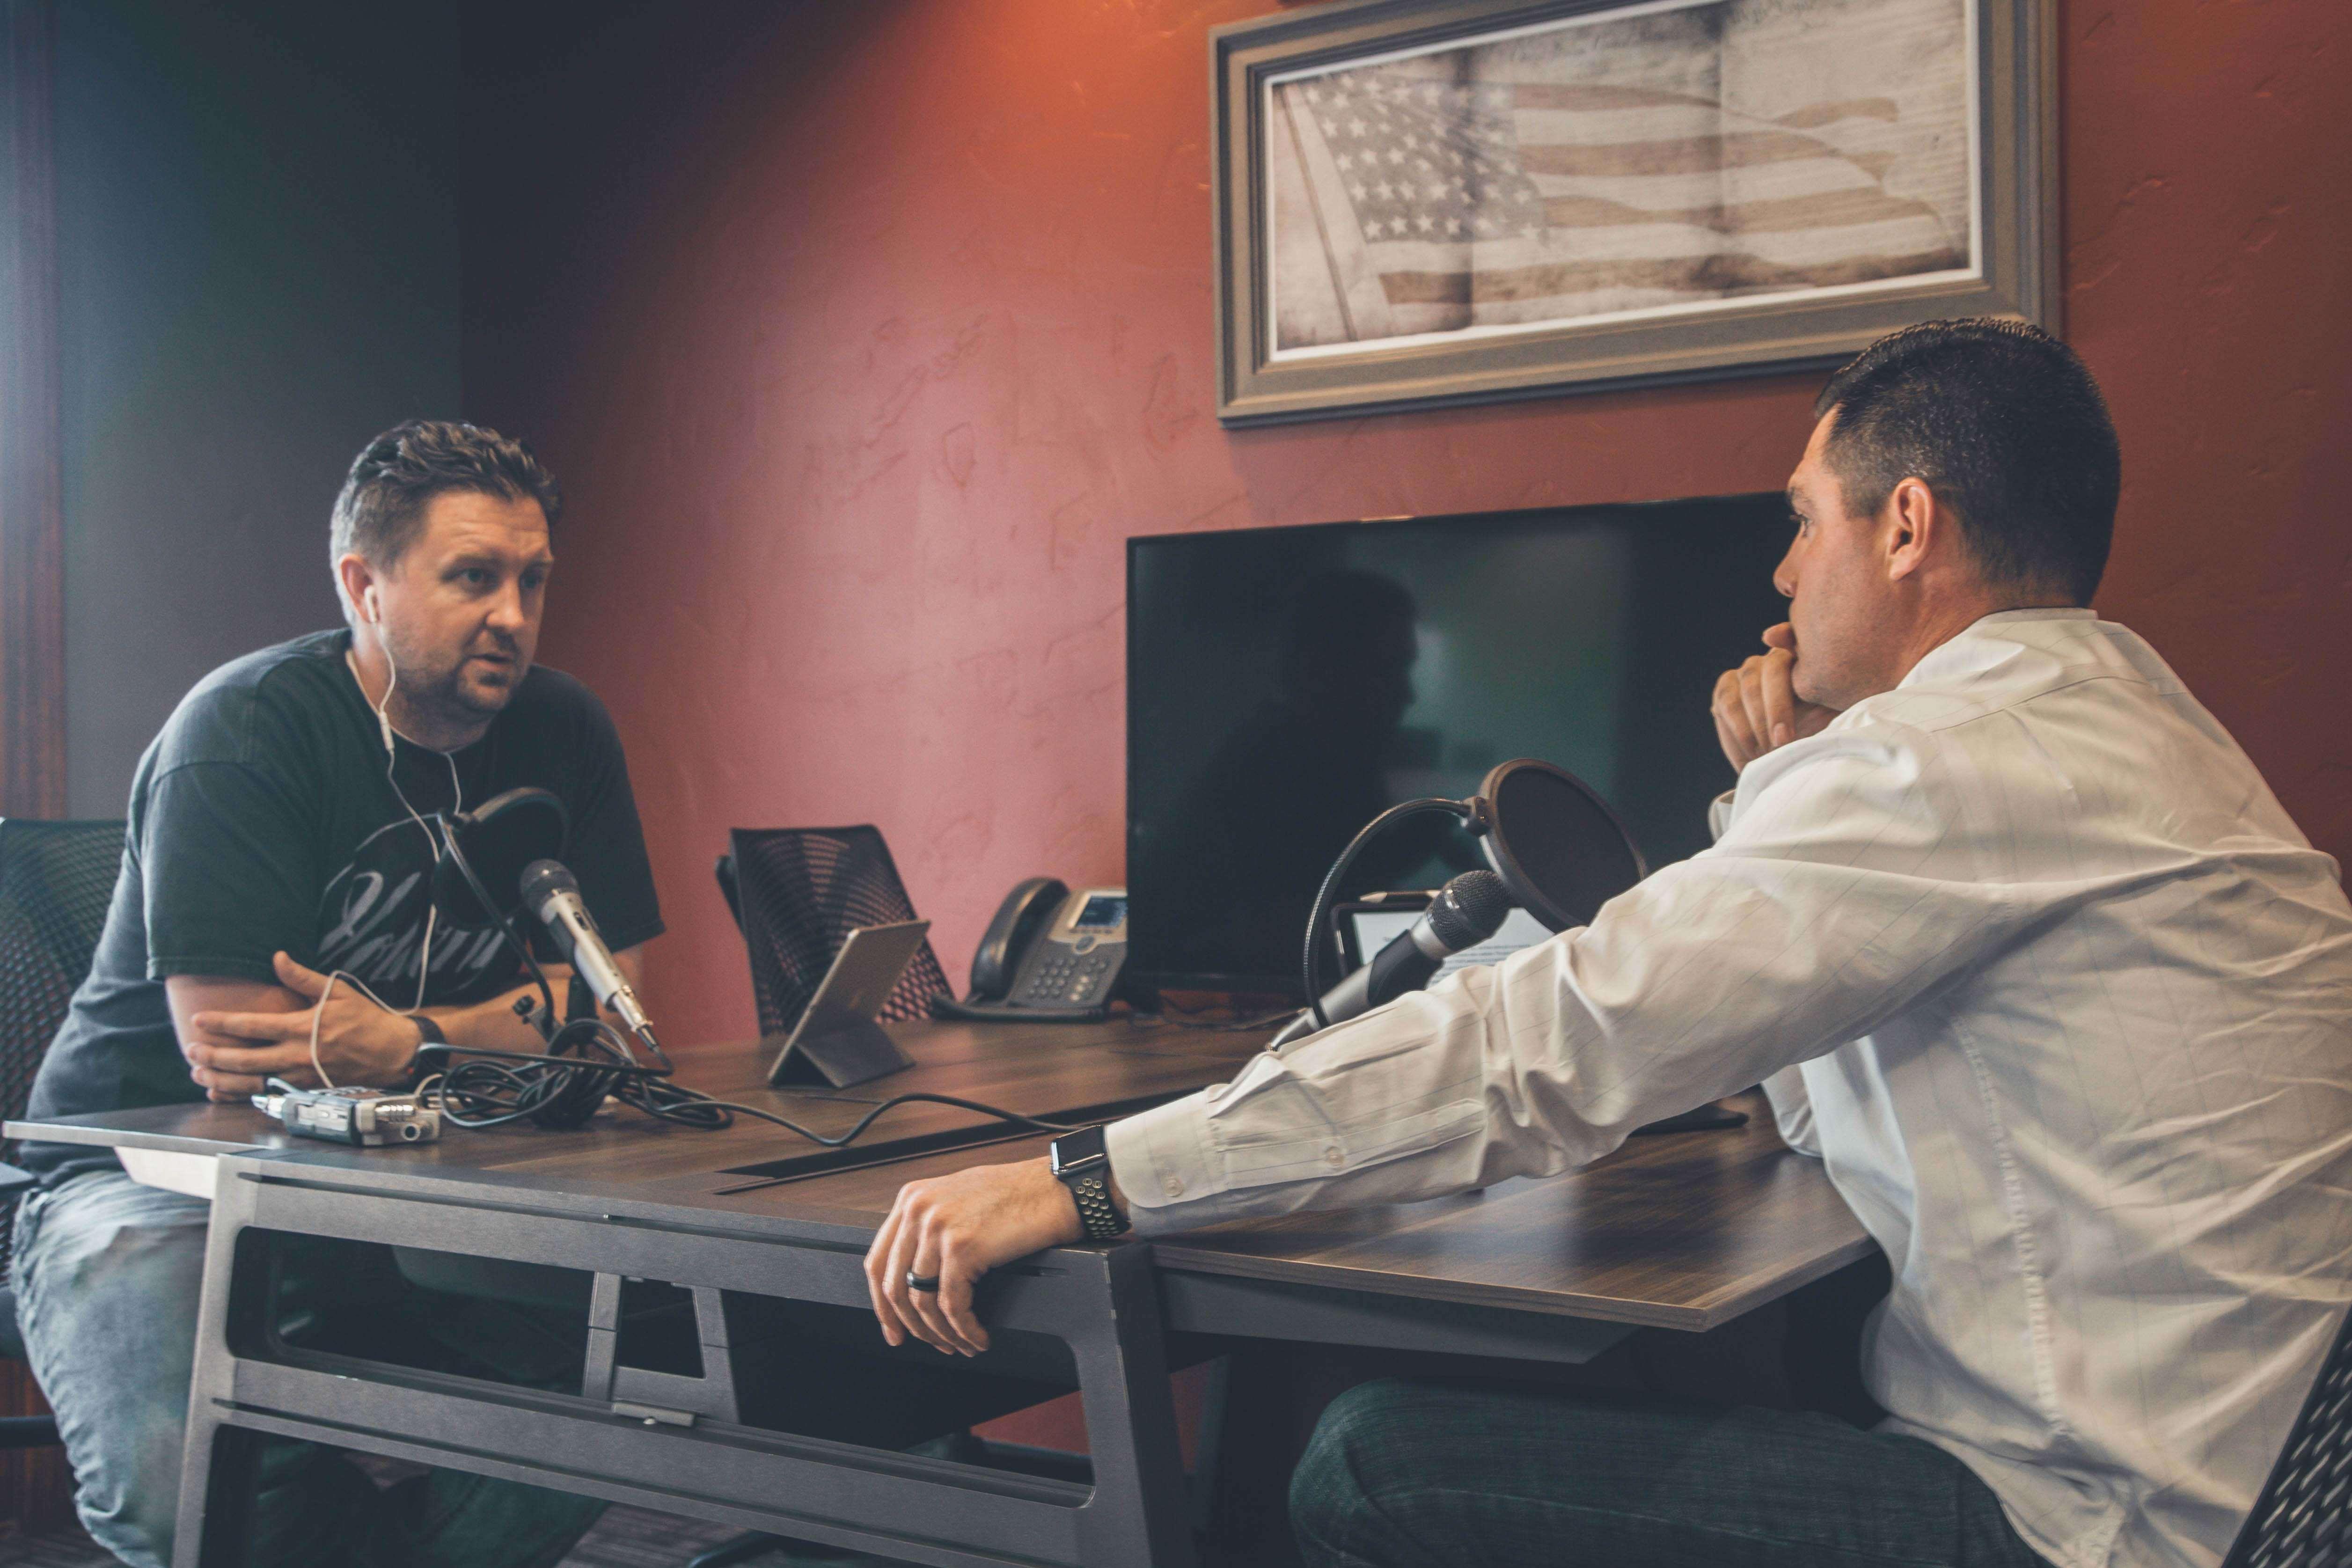 radio interviewer